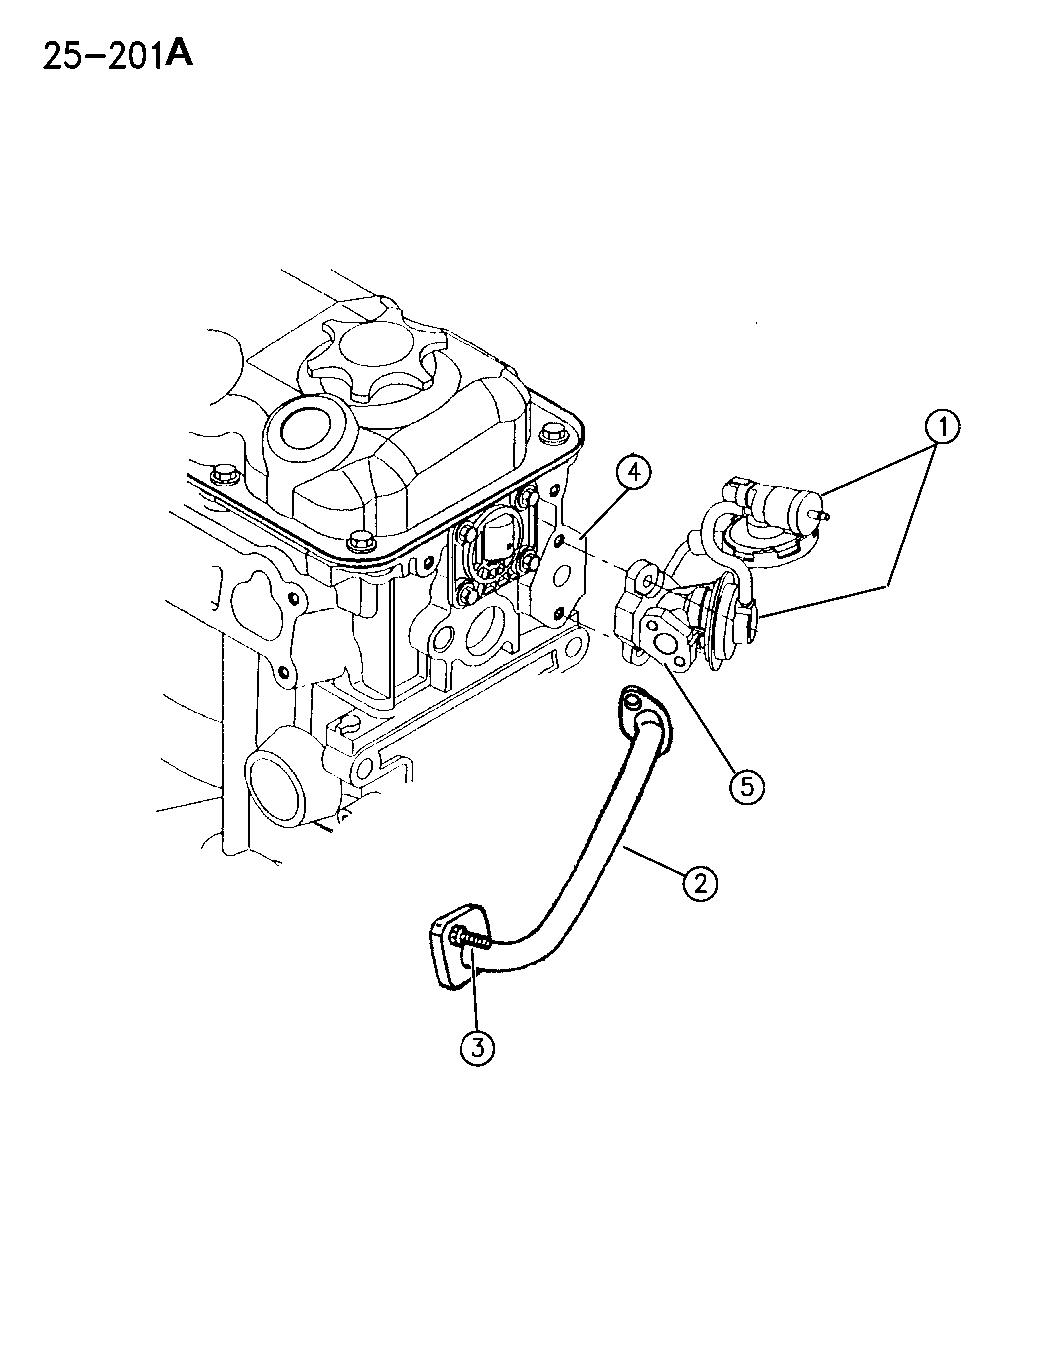 1996 Dodge Neon EGR System